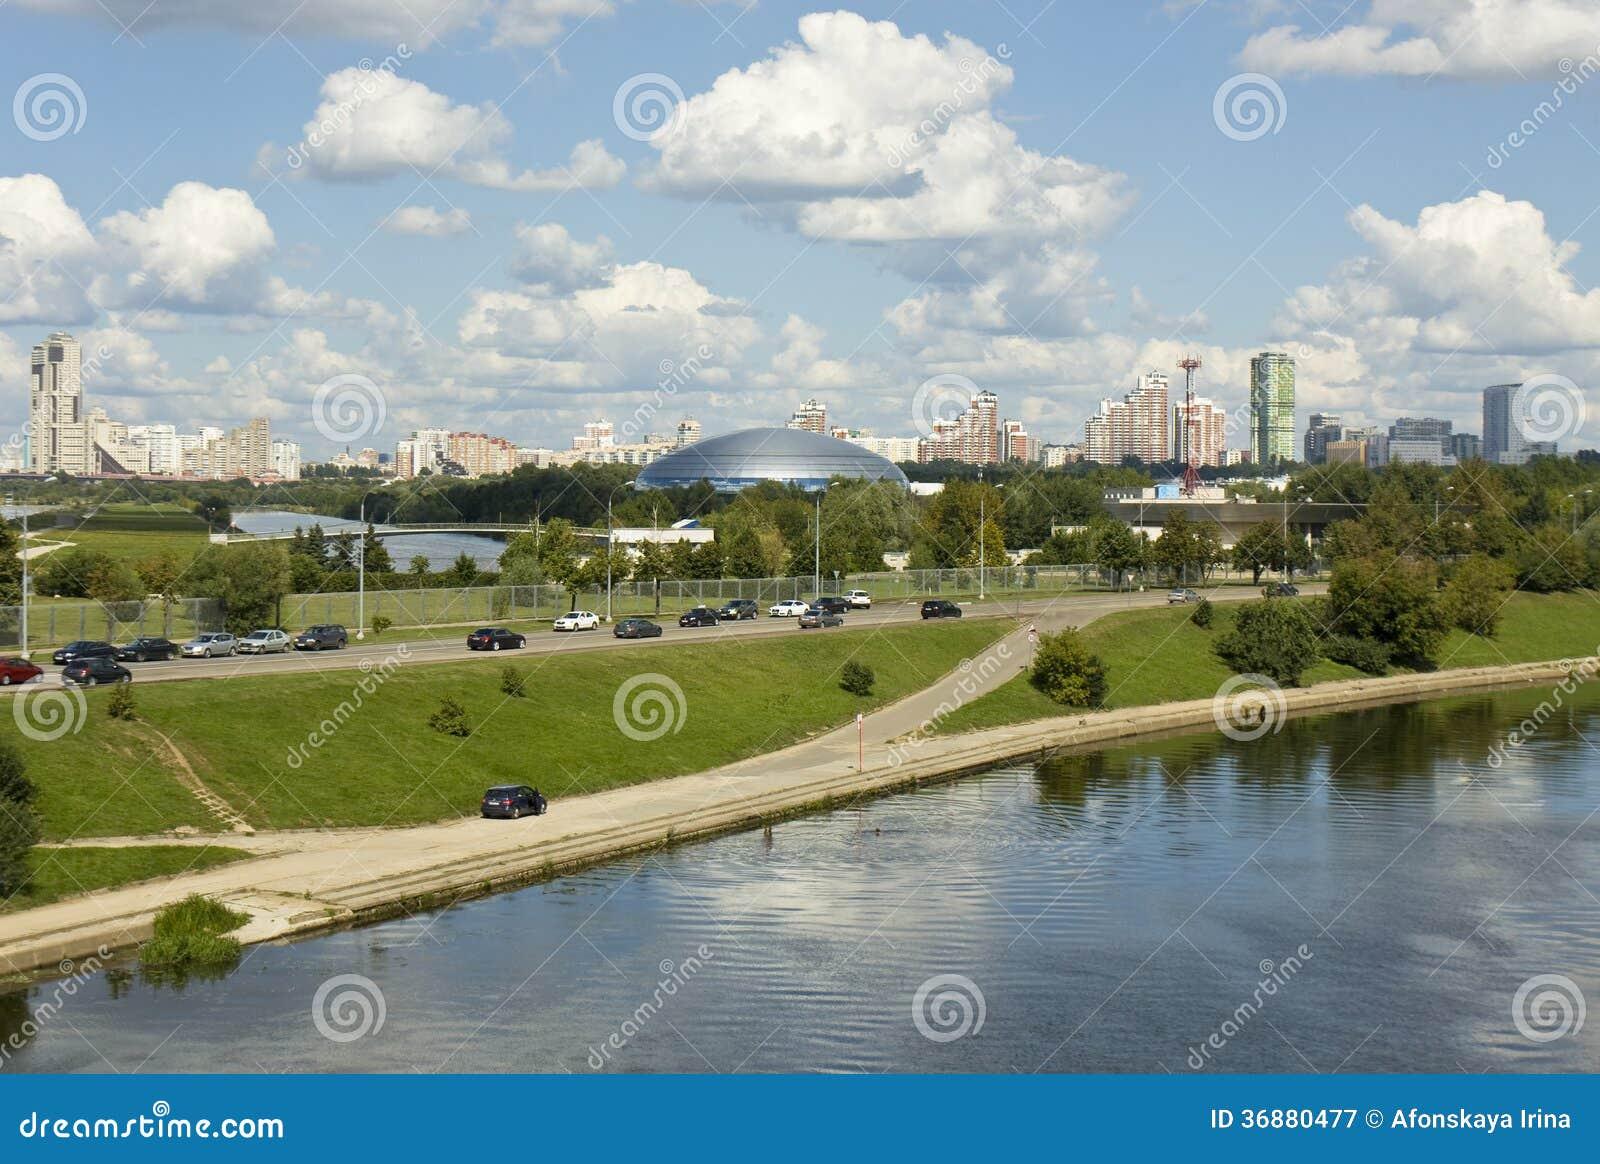 Download Mosca, palazzo di sport fotografia editoriale. Immagine di fiume - 36880477